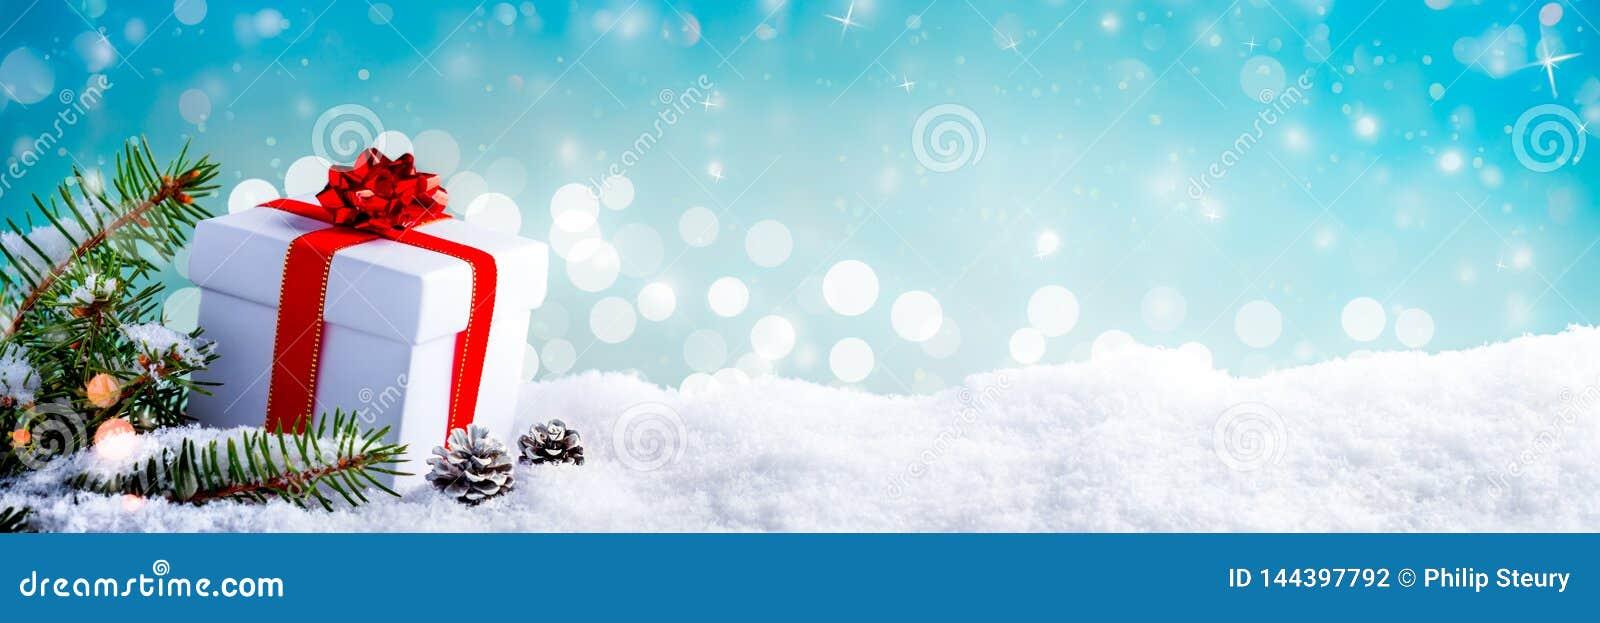 Presente do Natal na neve